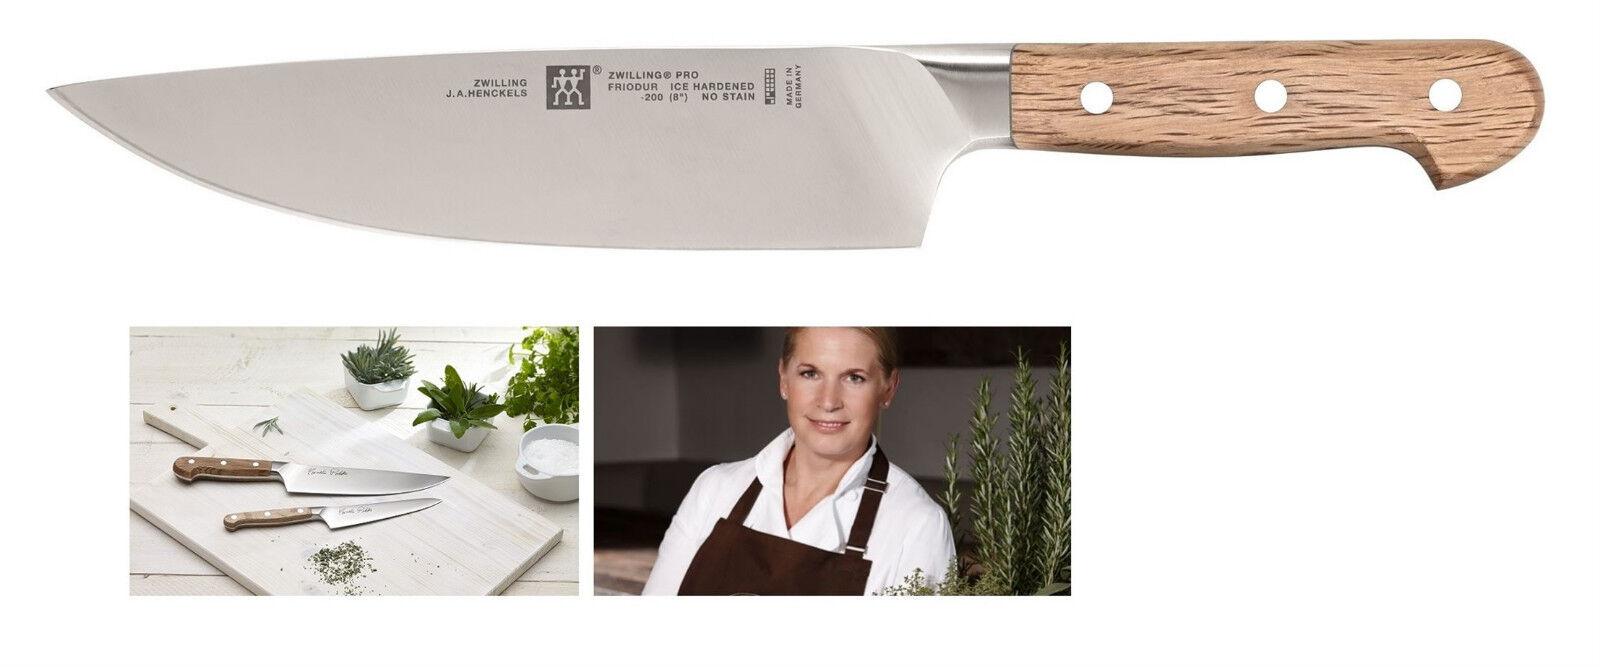 Zwilling  Pro Cornelia Poletto  38461-200 Chef' Knife 8  -coltello chef (cm. 20)